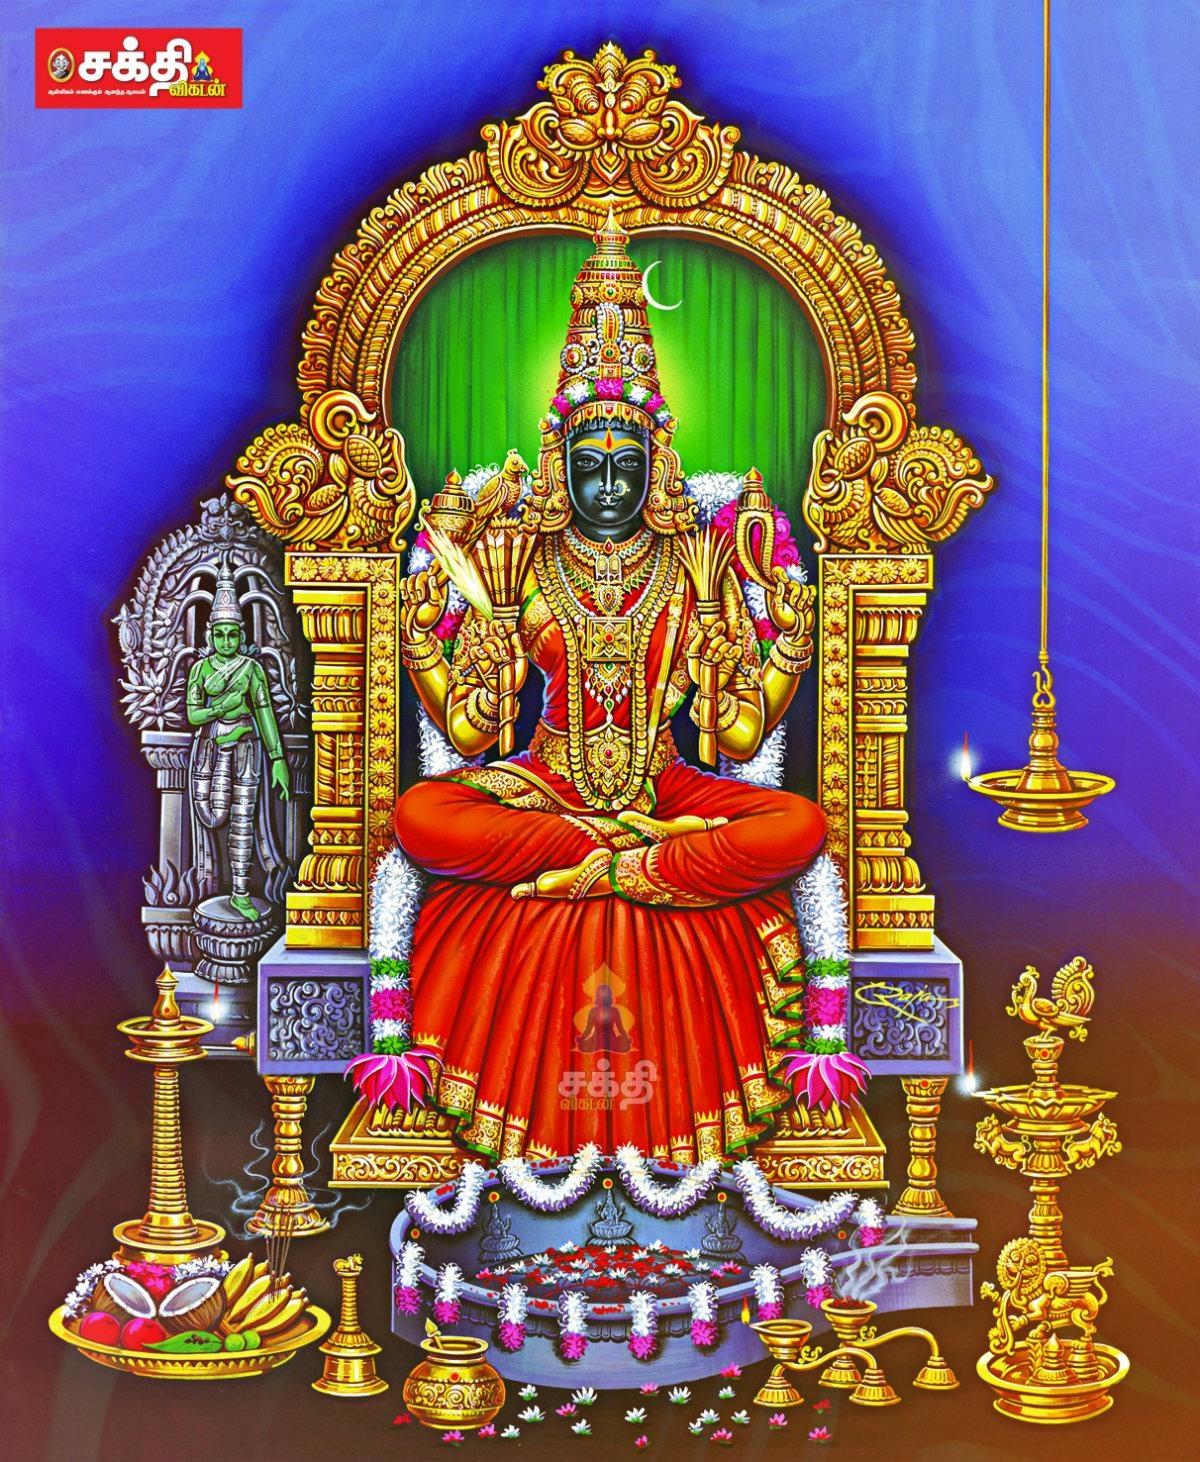 மந்திரம்